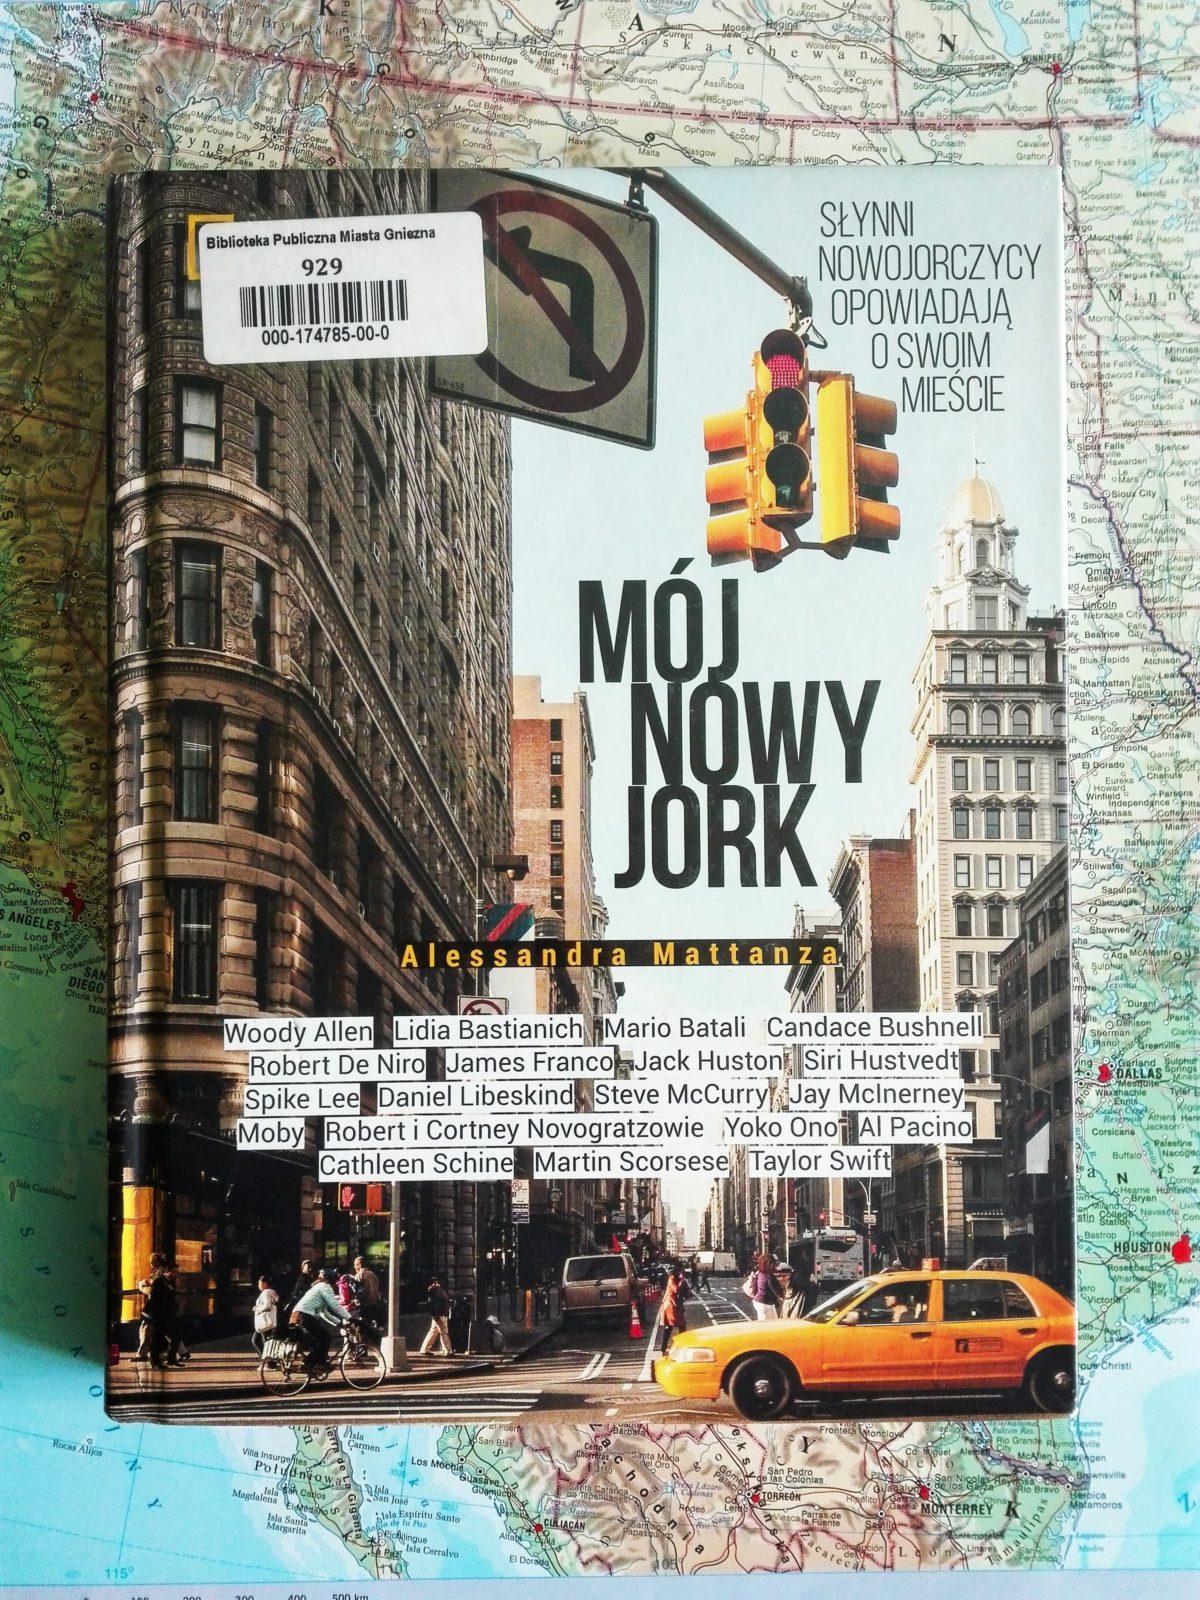 Zniewalające miasto Nowy Jork